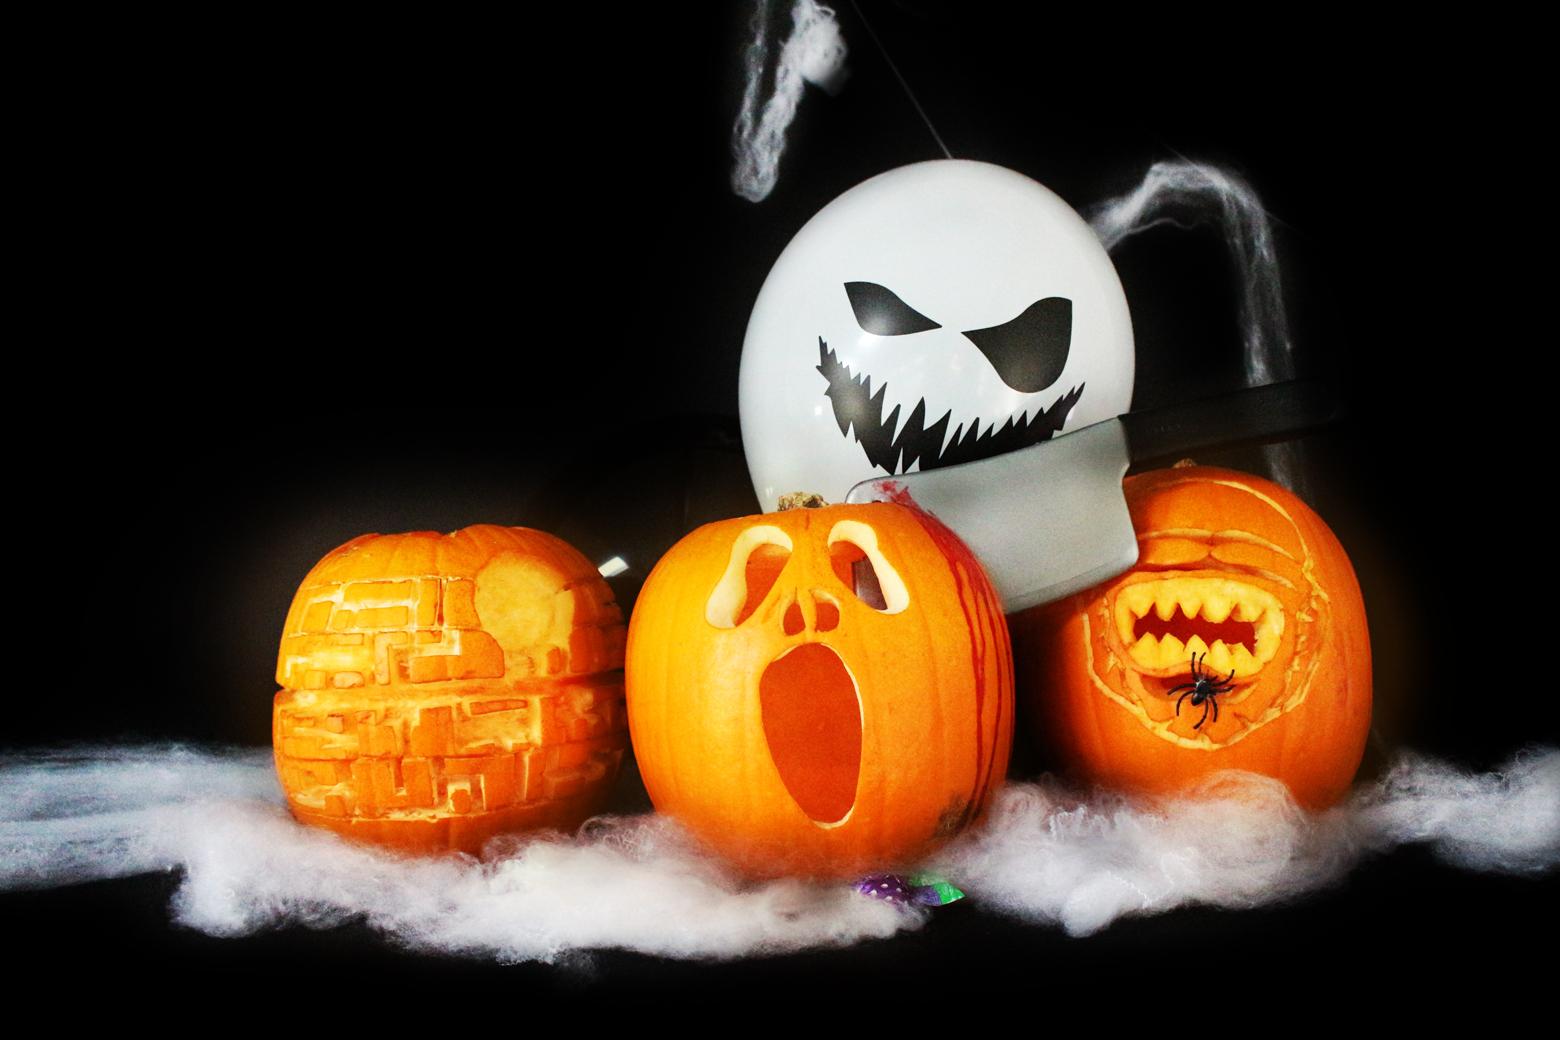 Halloween-at-Bopgun-2016-pumpkins